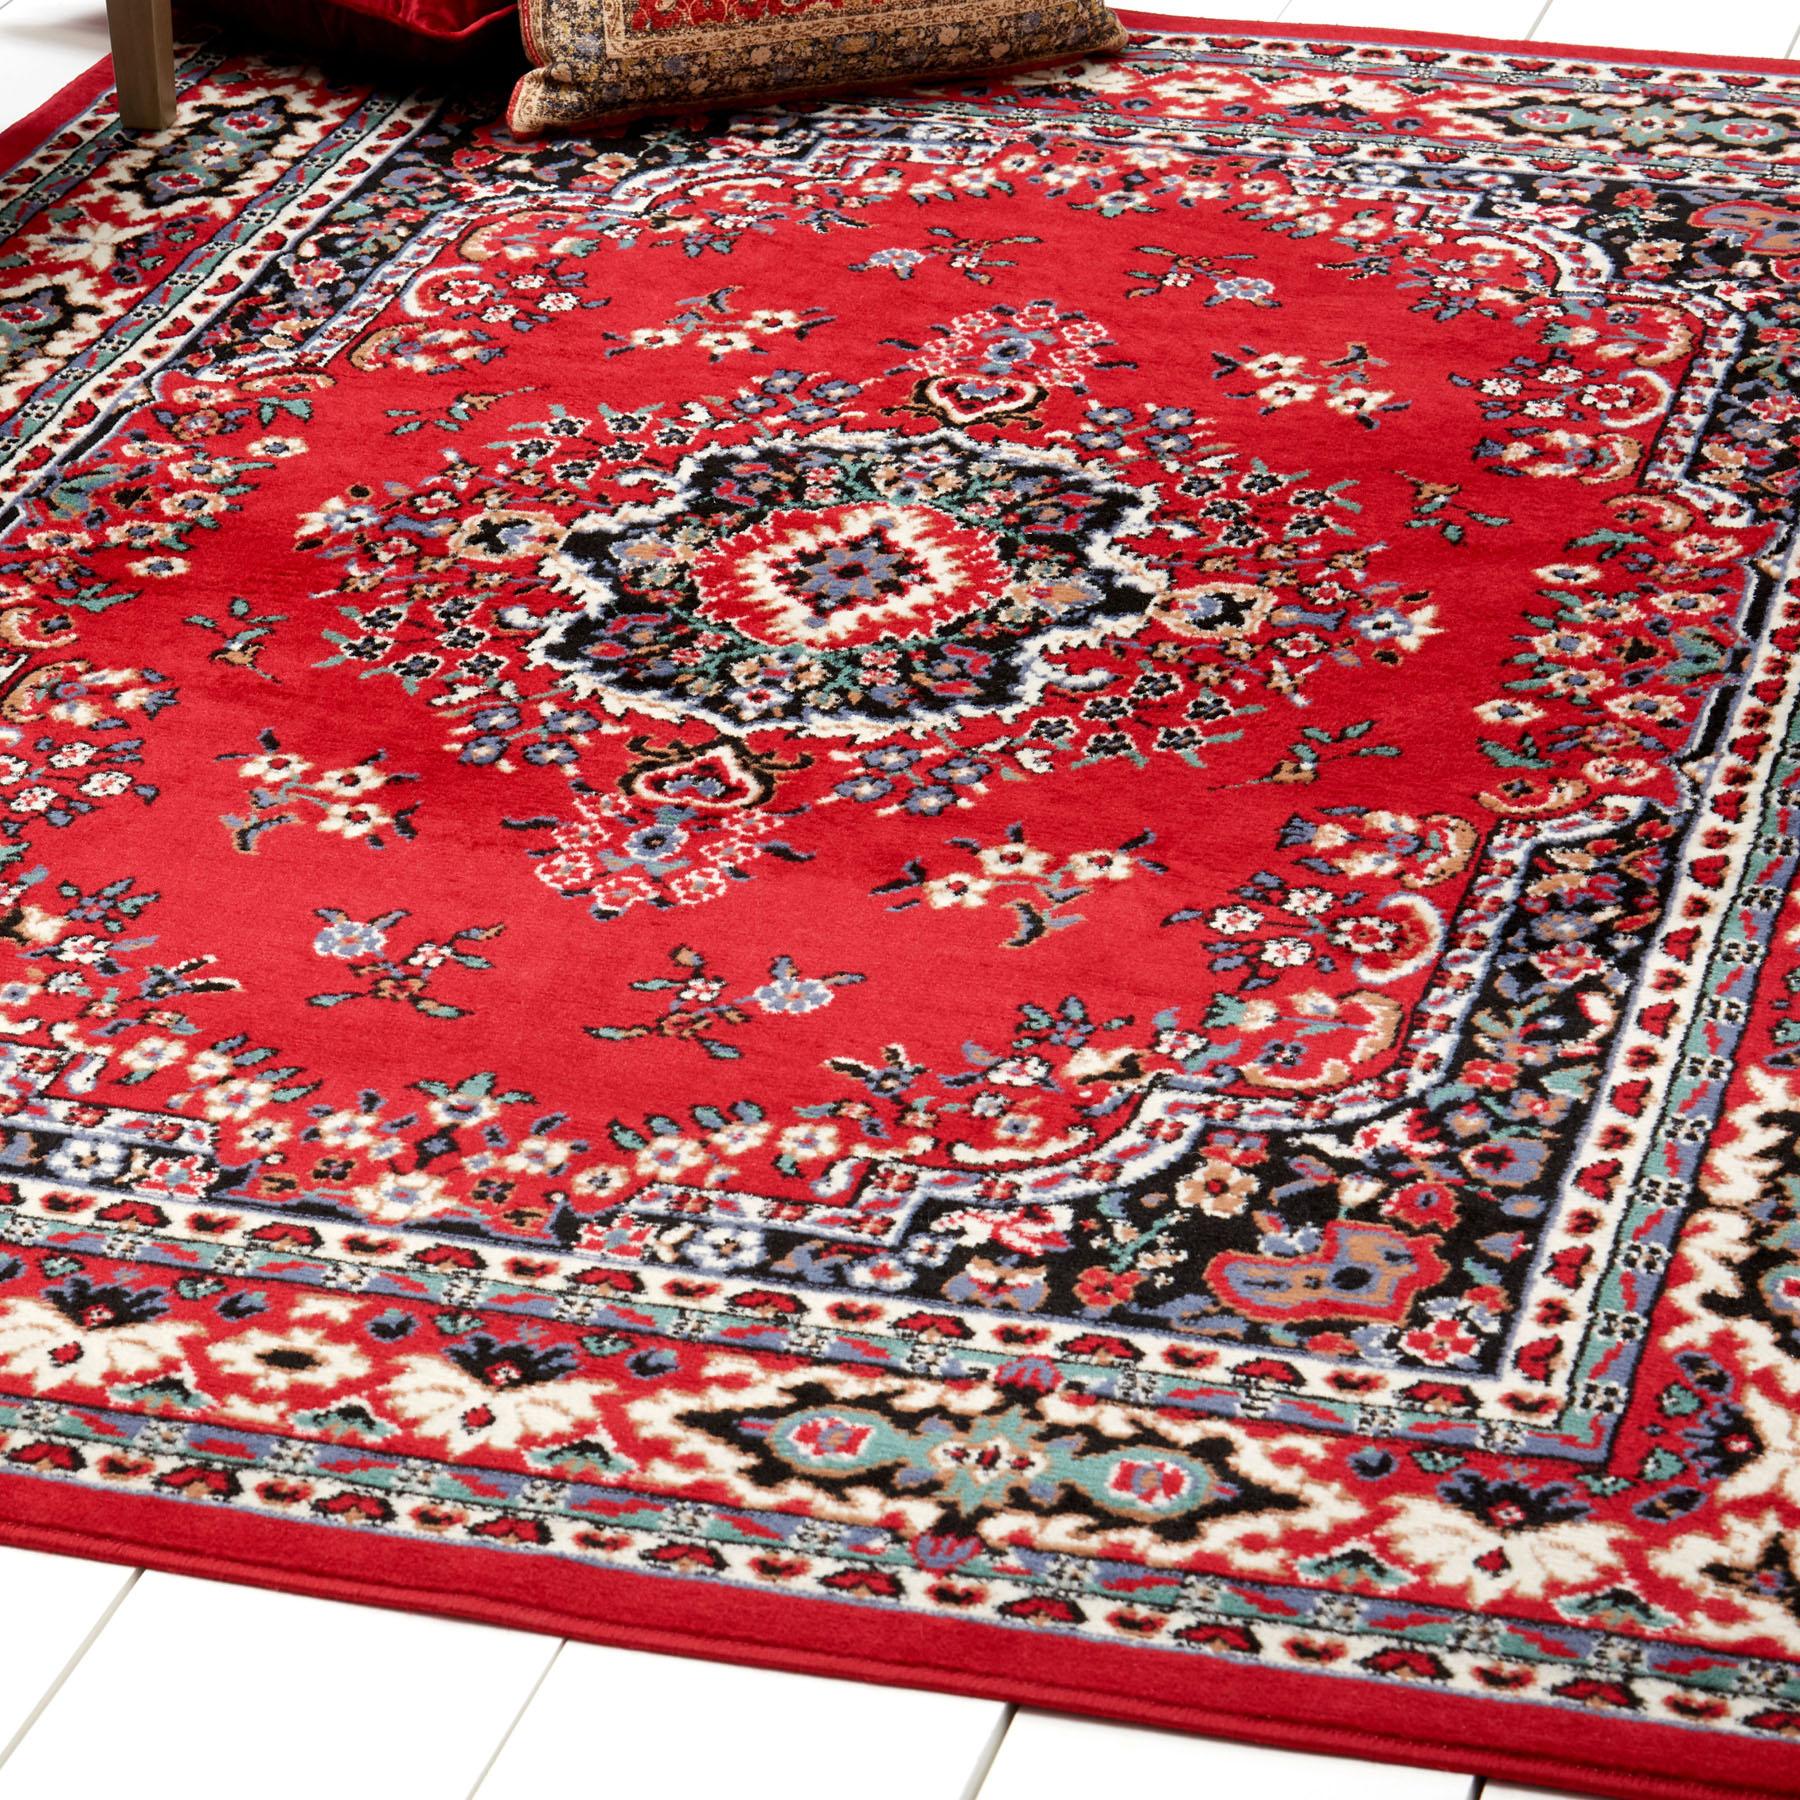 Traditional-Oriental-Medallion-Area-Rug-Persian-Style-Carpet-Runner-Mat-AllSizes thumbnail 16